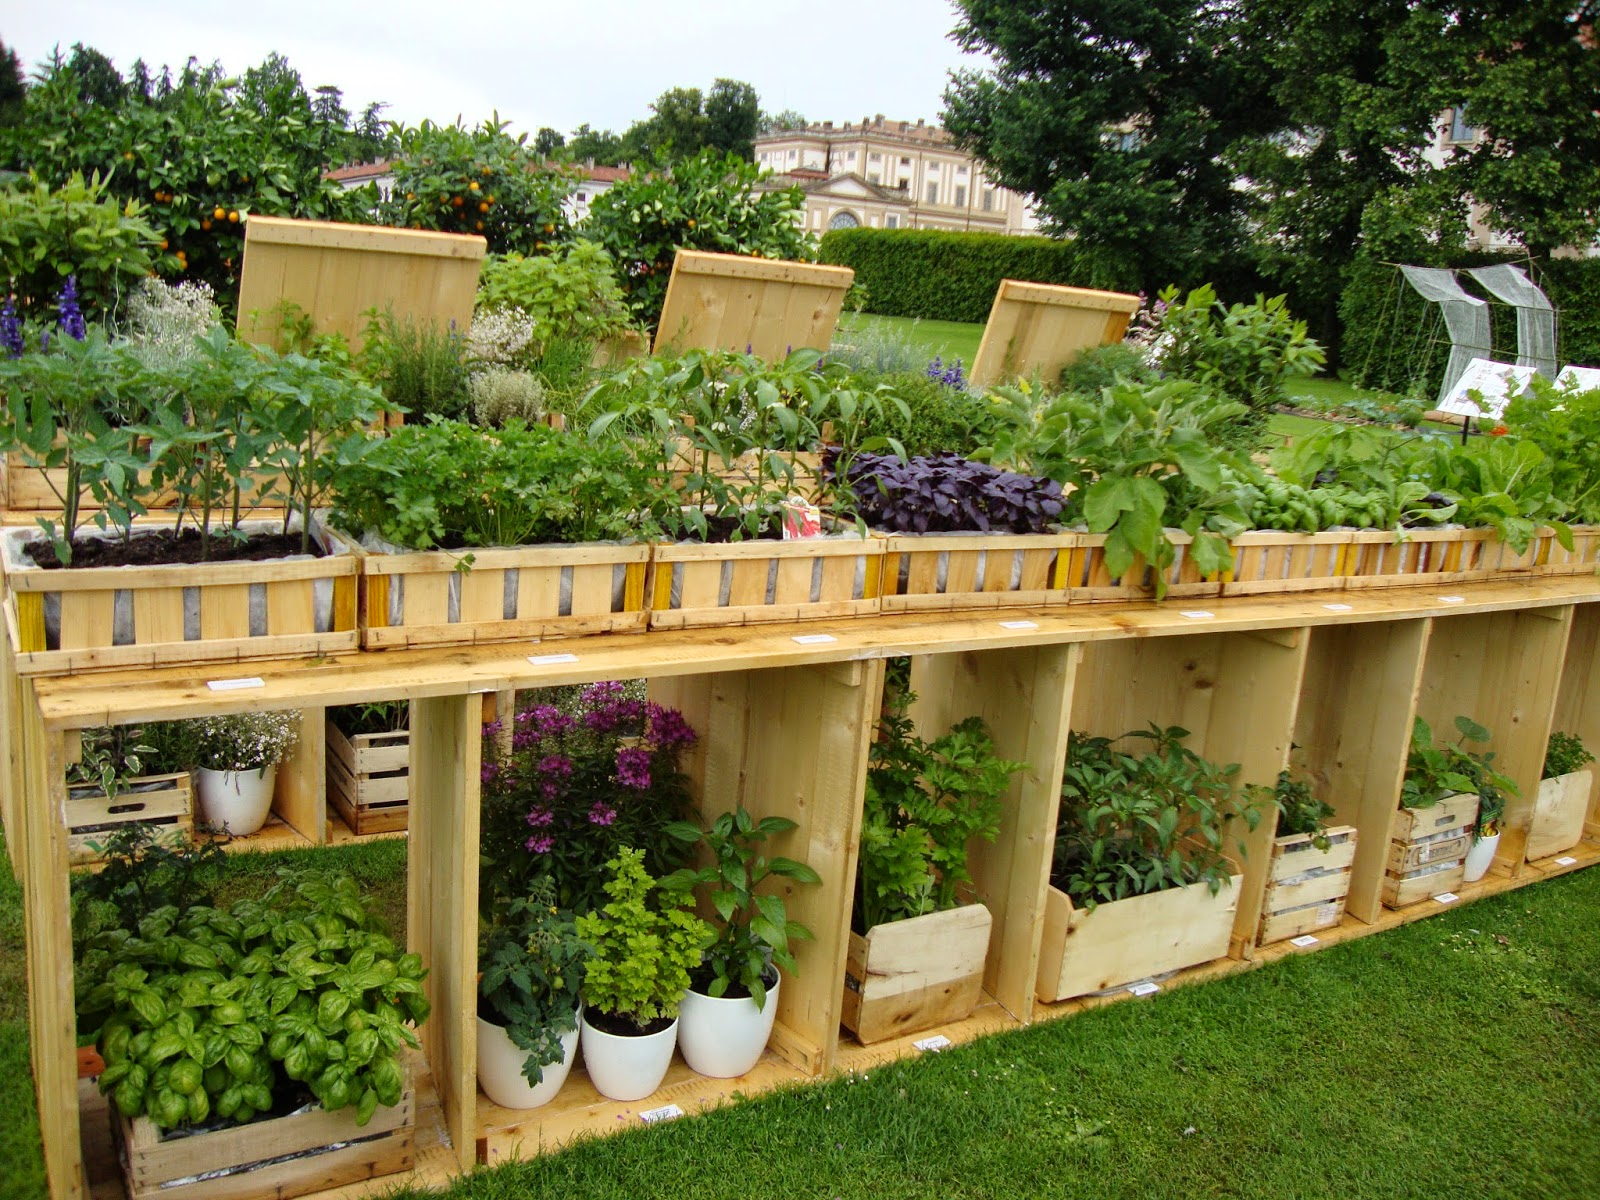 Idee Per Il Giardino Piccolo : Idee giardino piccolo fai da te elegant giardino progetto idee